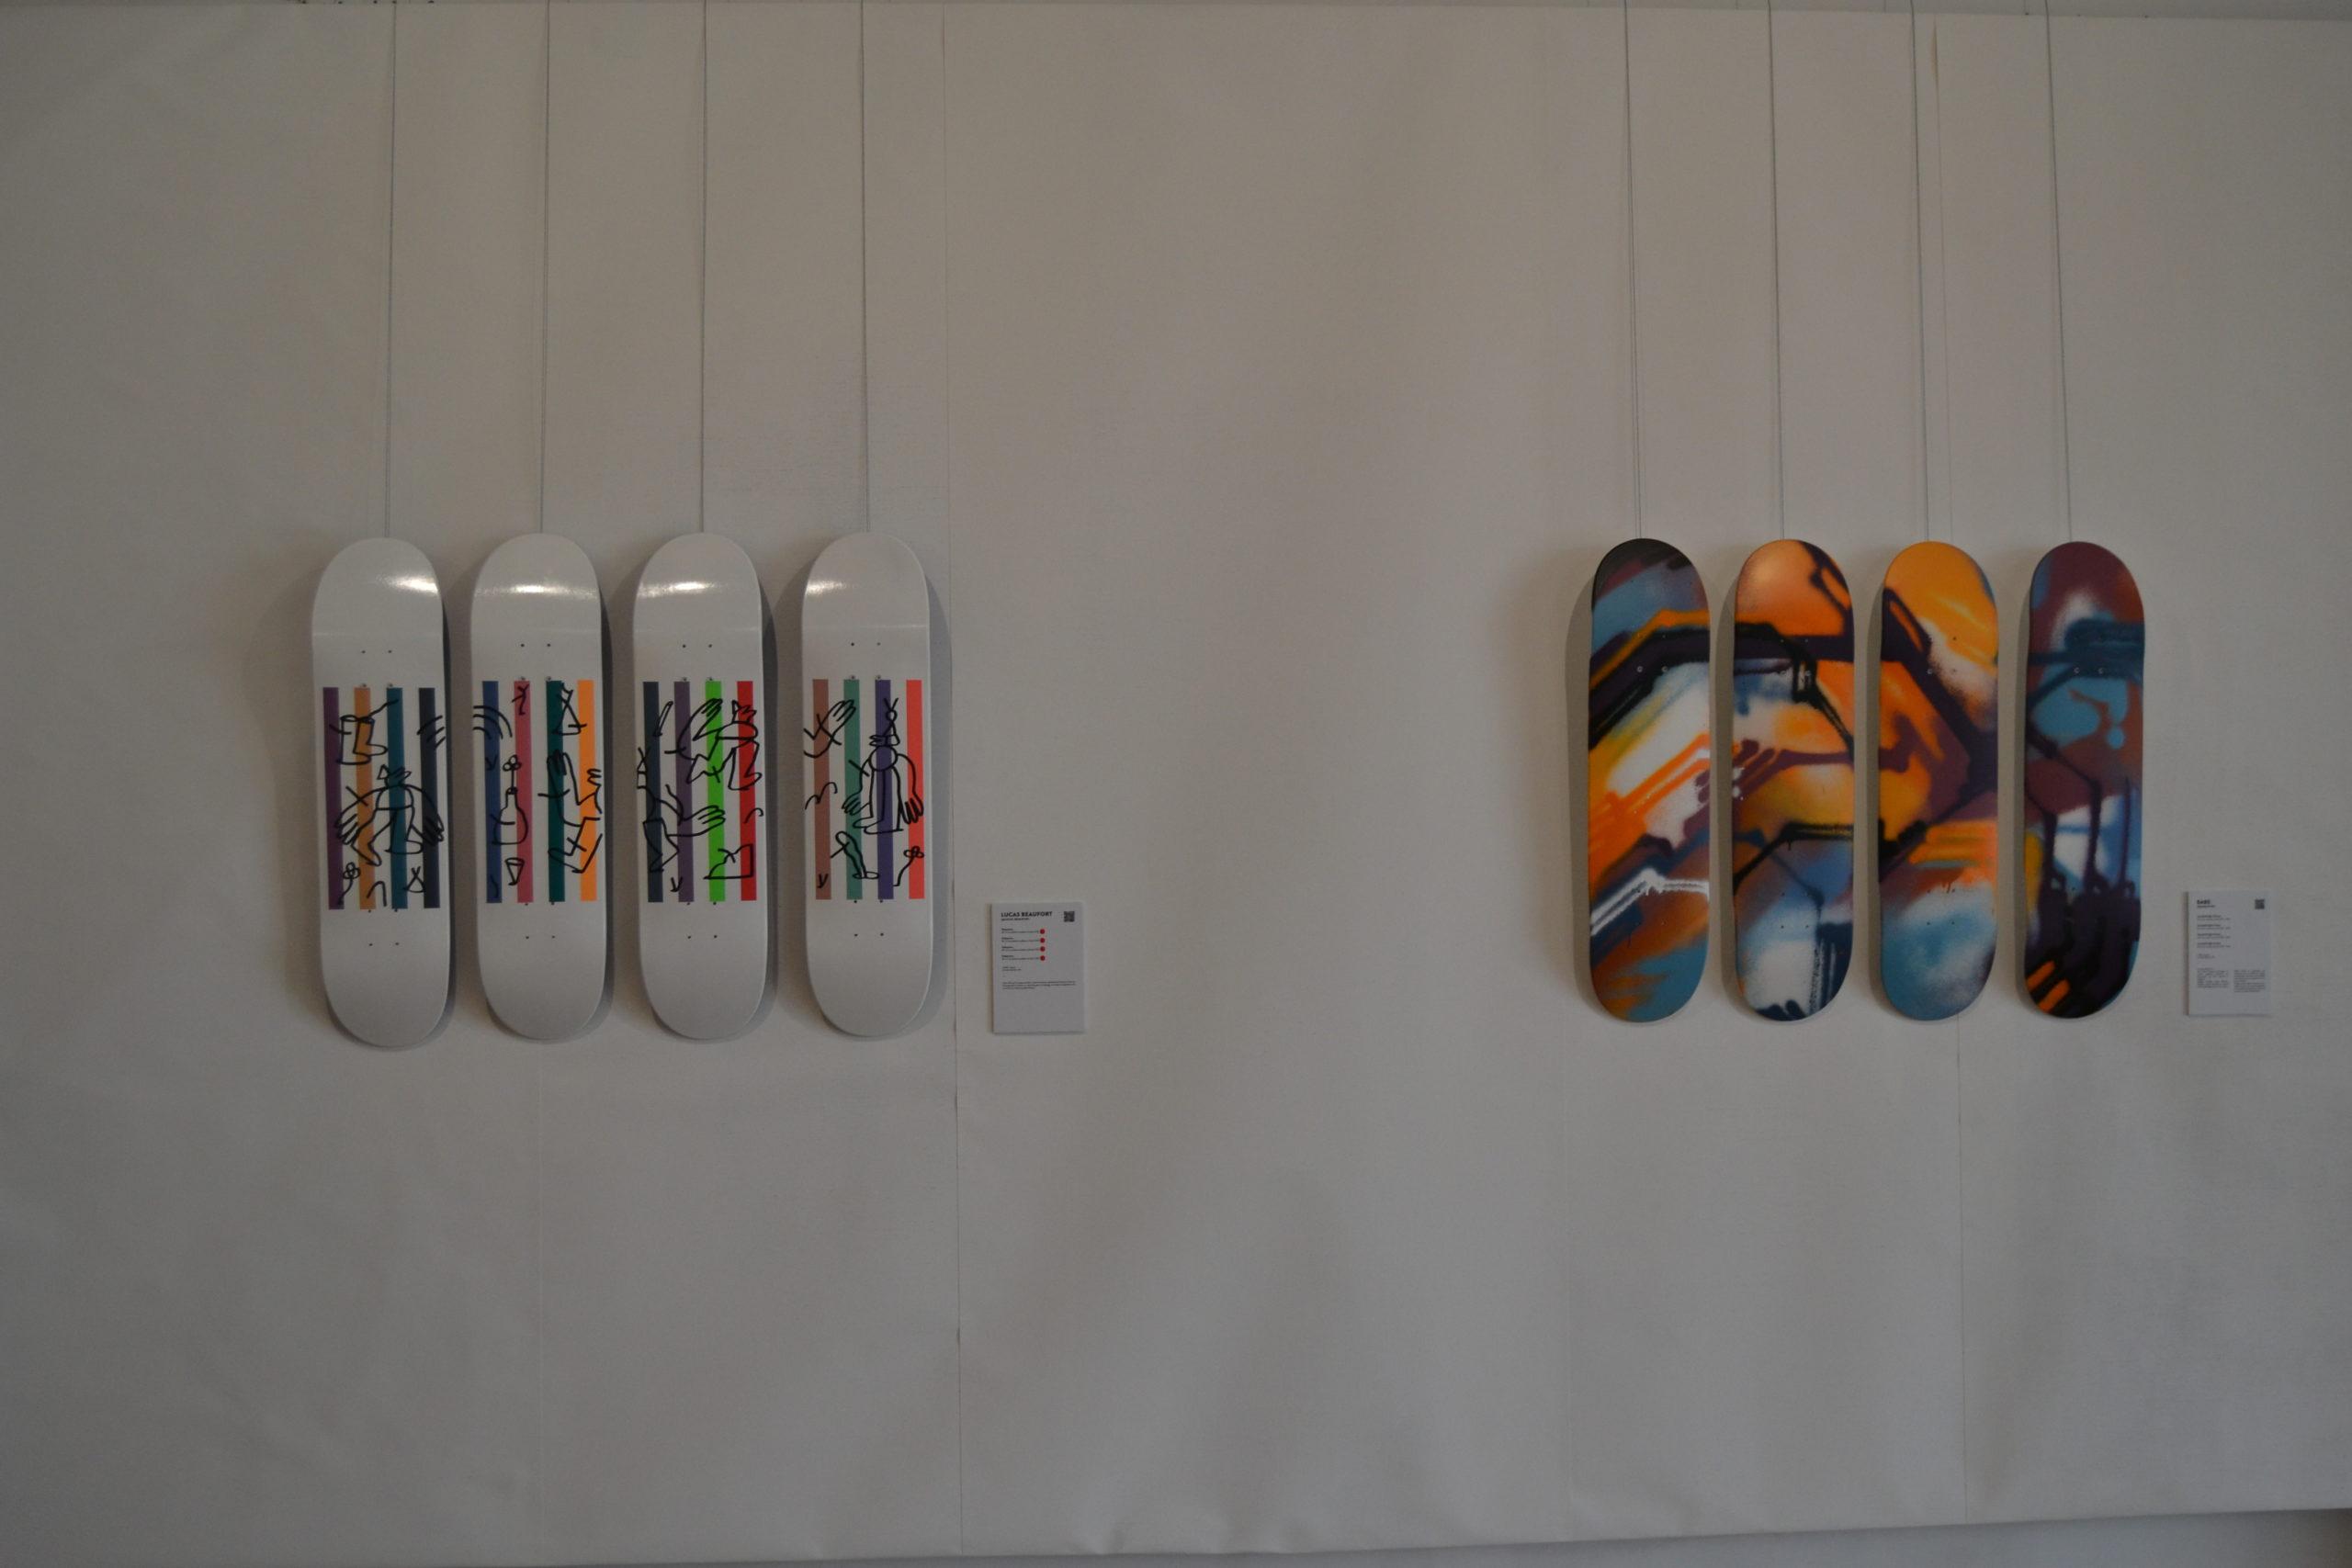 Pari réalisé pour l'exposition du Spraying Board